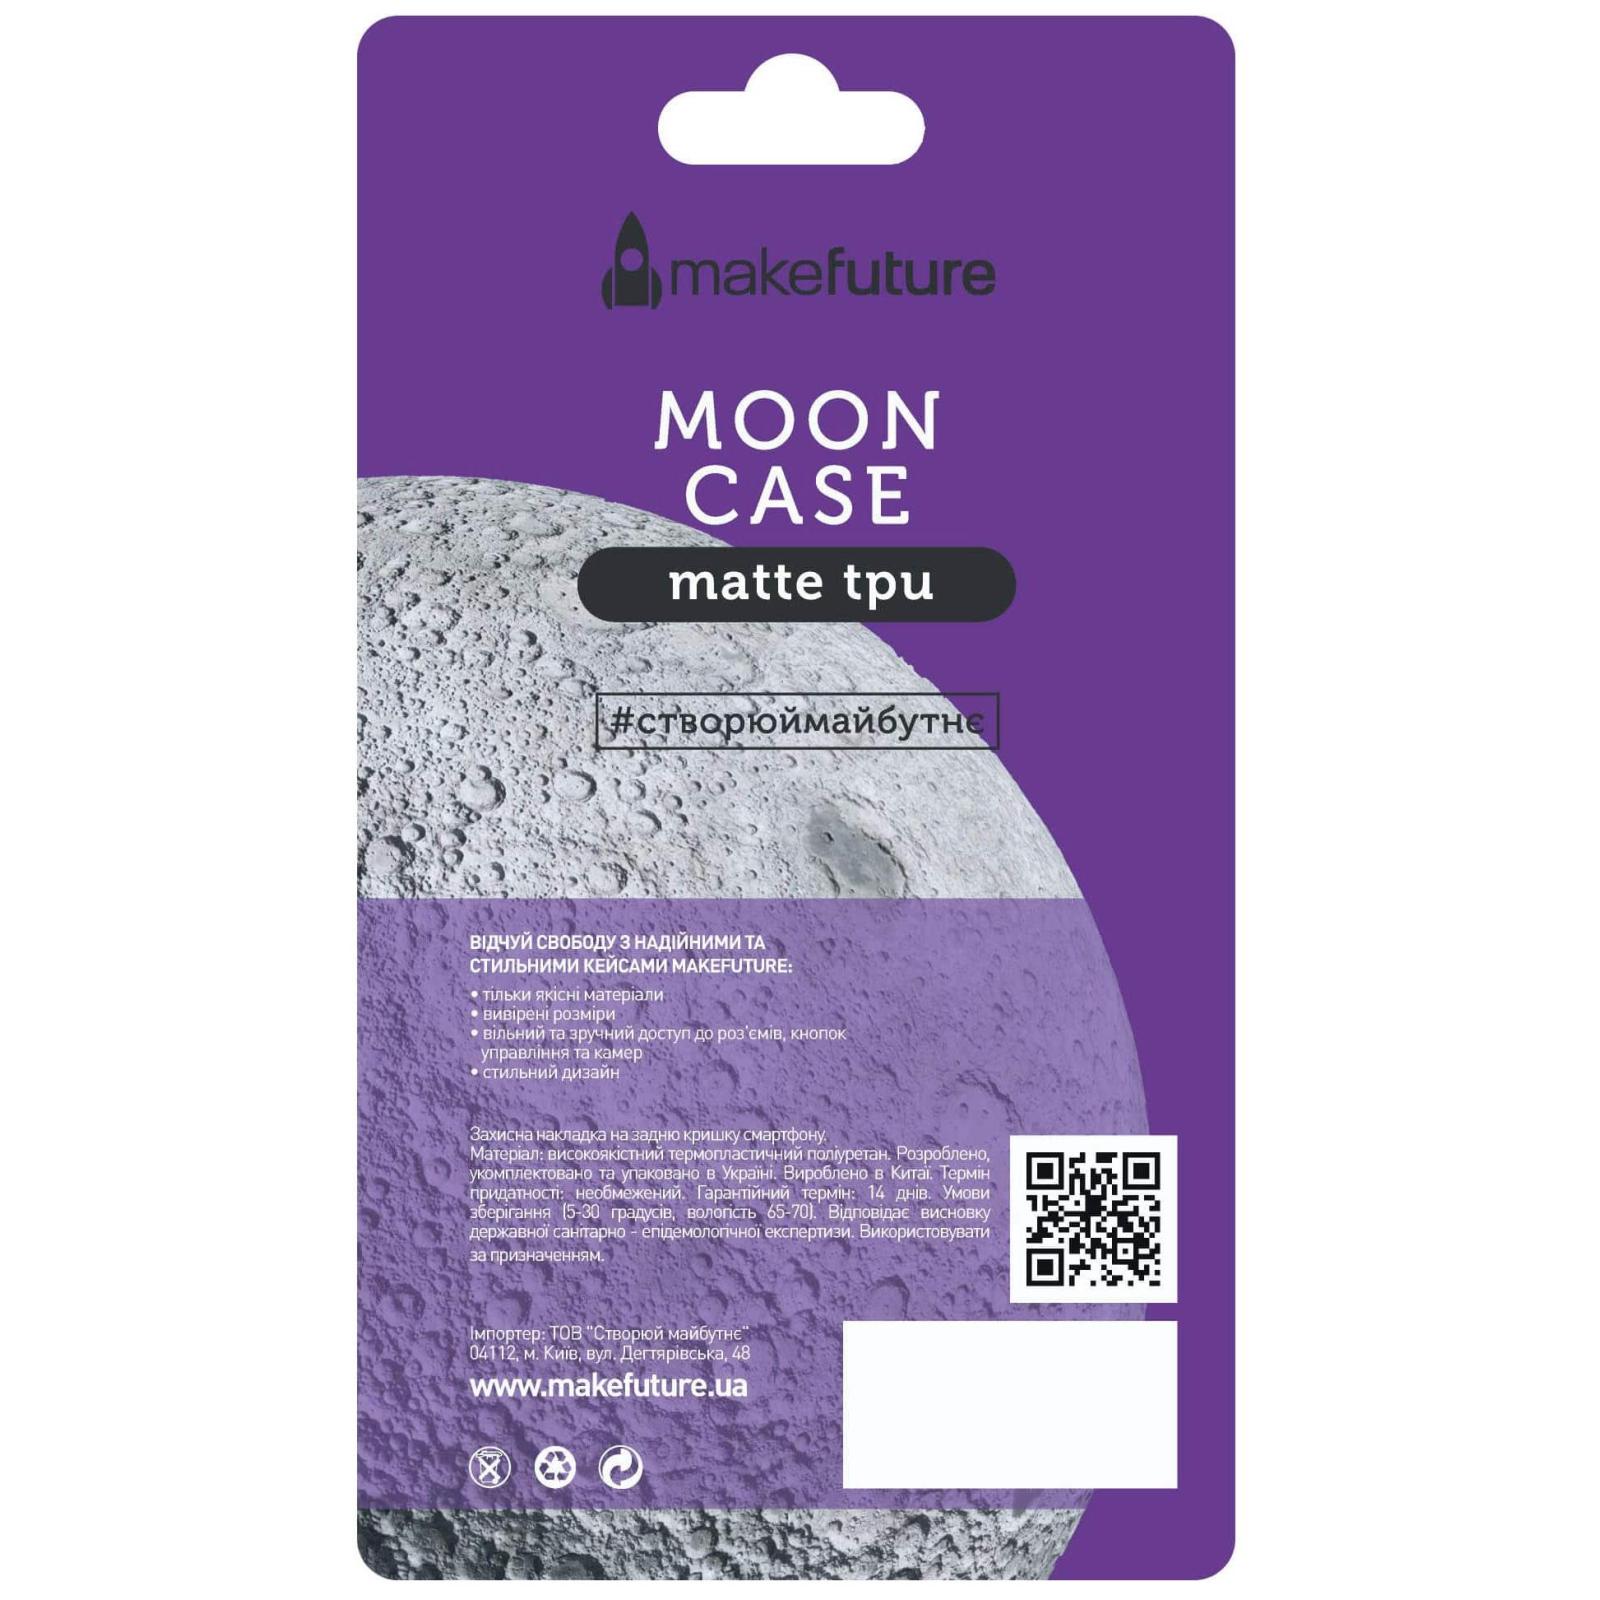 Чехол для моб. телефона MakeFuture Moon Case (TPU) для Samsung J7 Neo (J701) Black (MCM-SJ7NBK) изображение 5